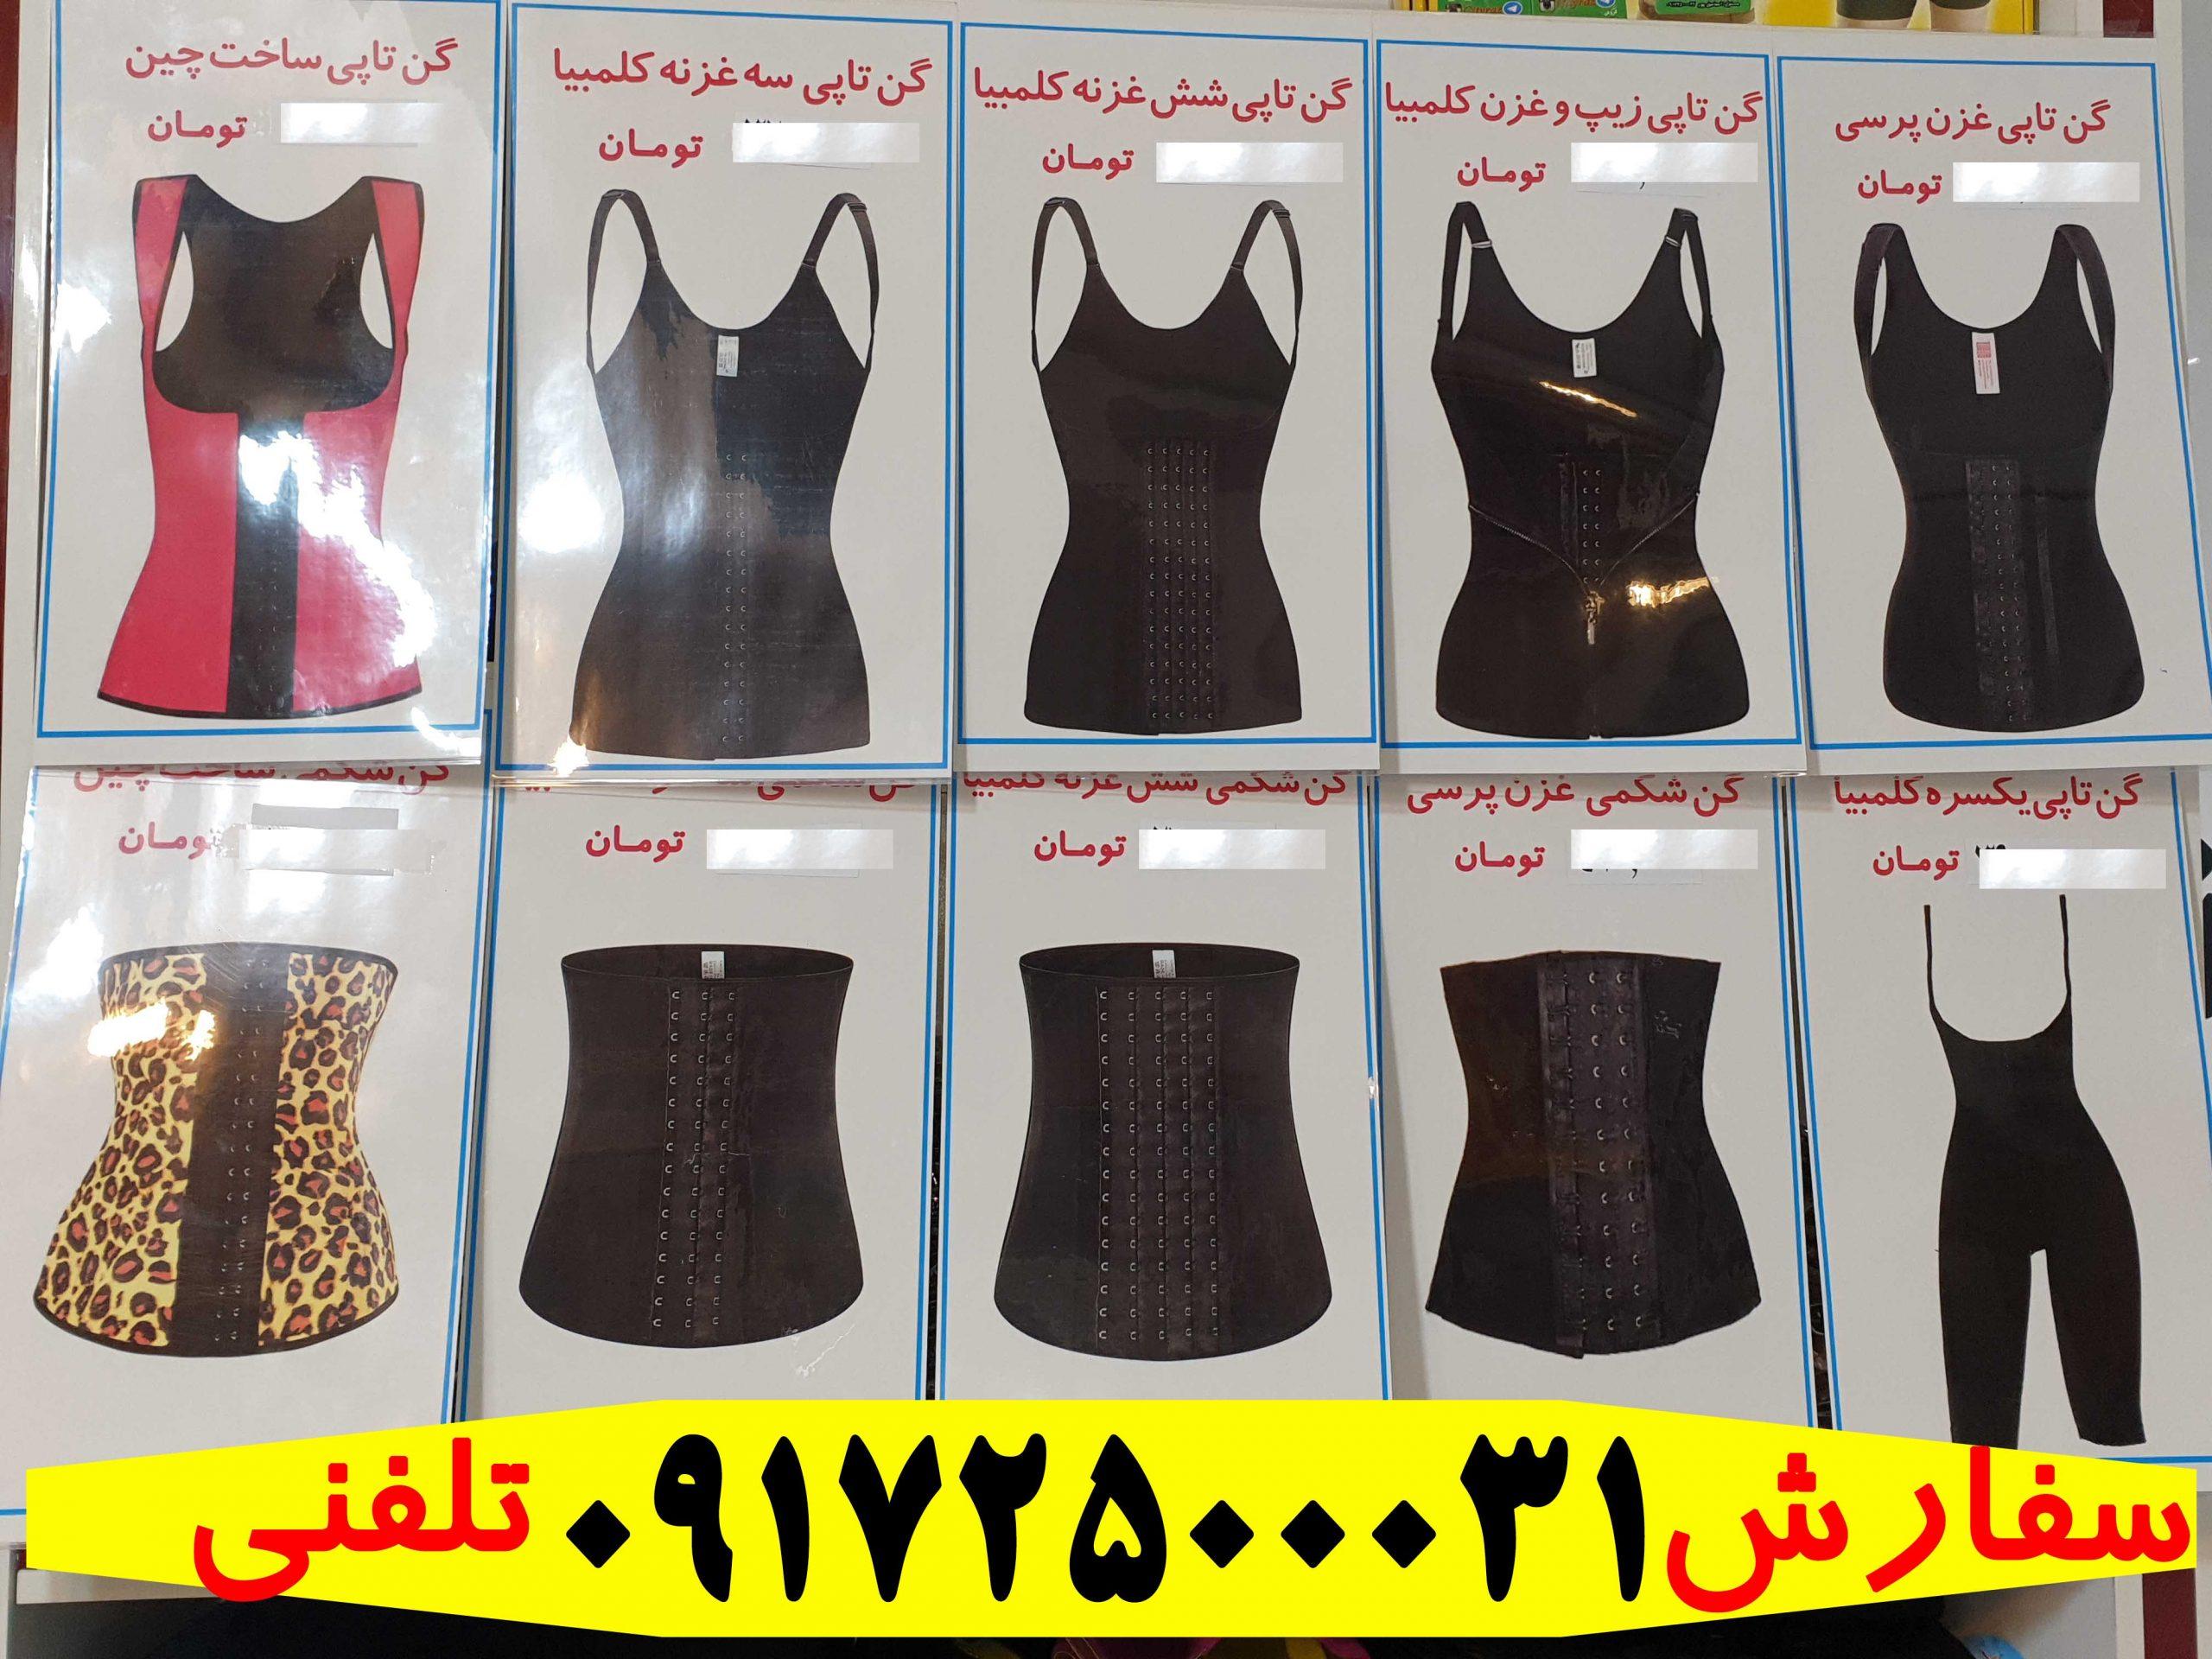 خرید گن بعد از عمل در شهر شیراز